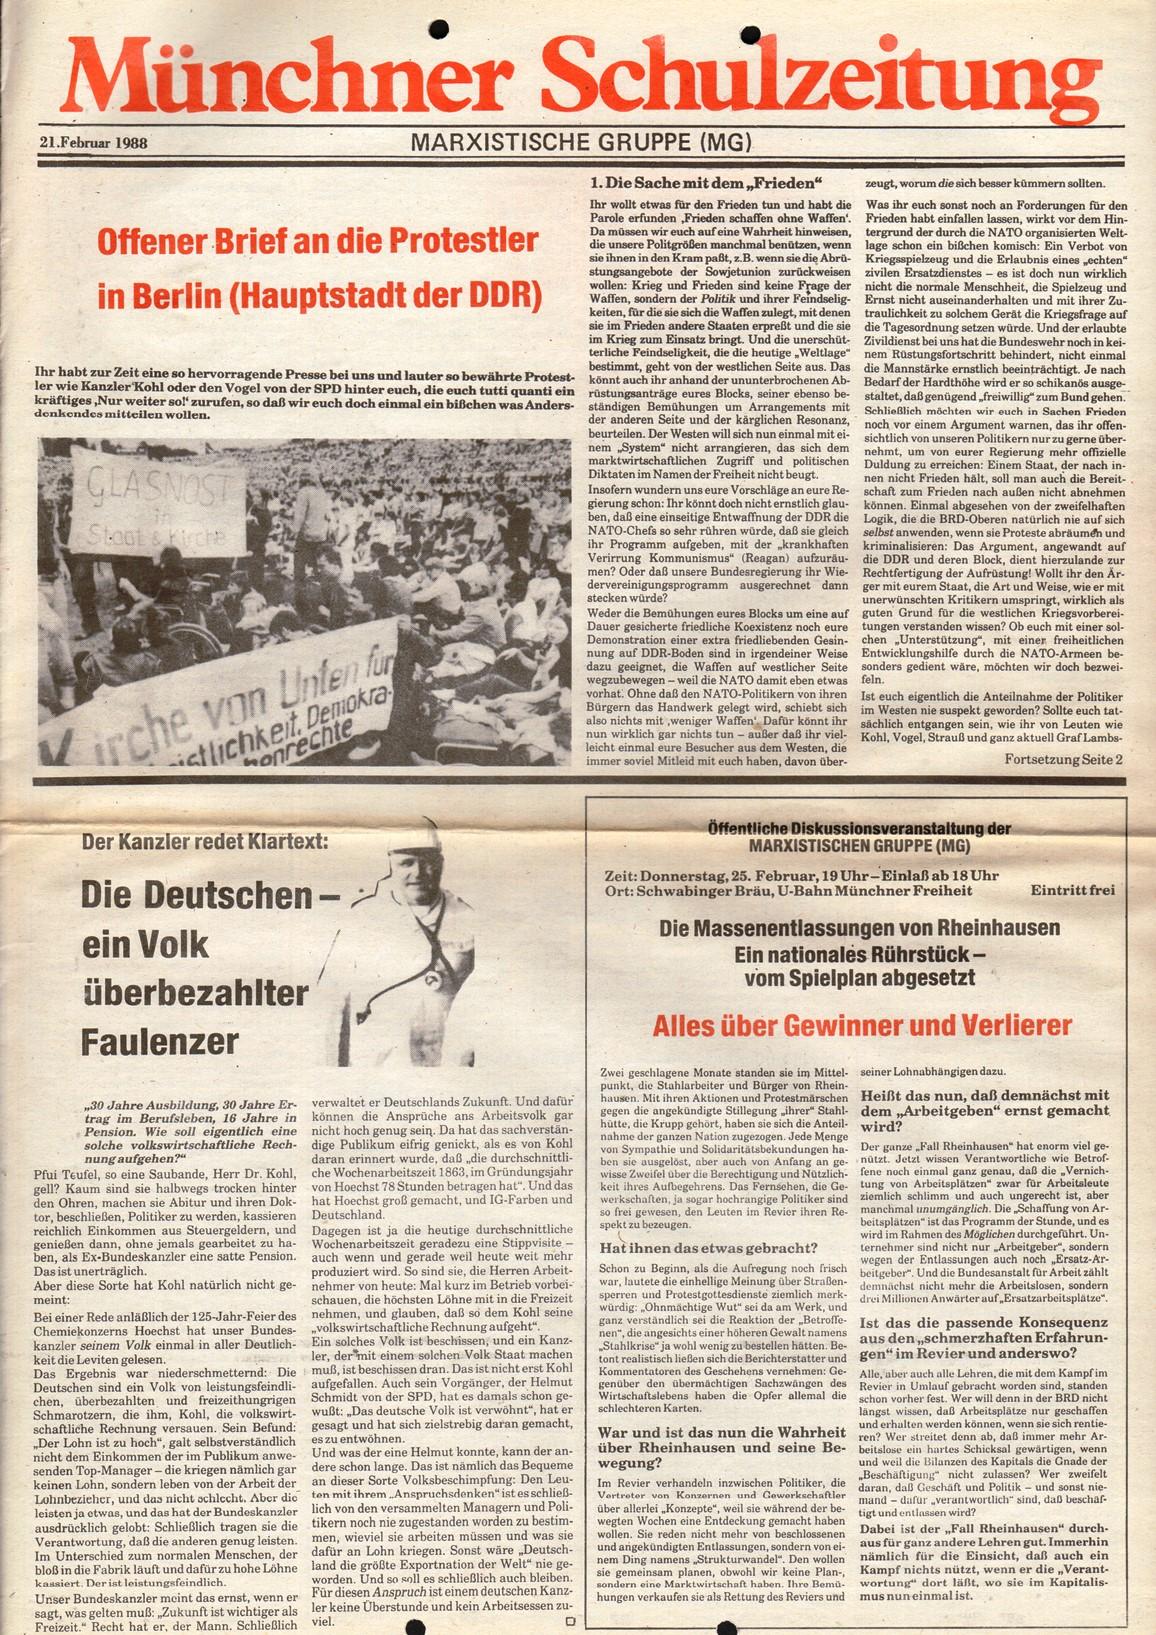 Muenchen_MG_Schulzeitung_19880221_01